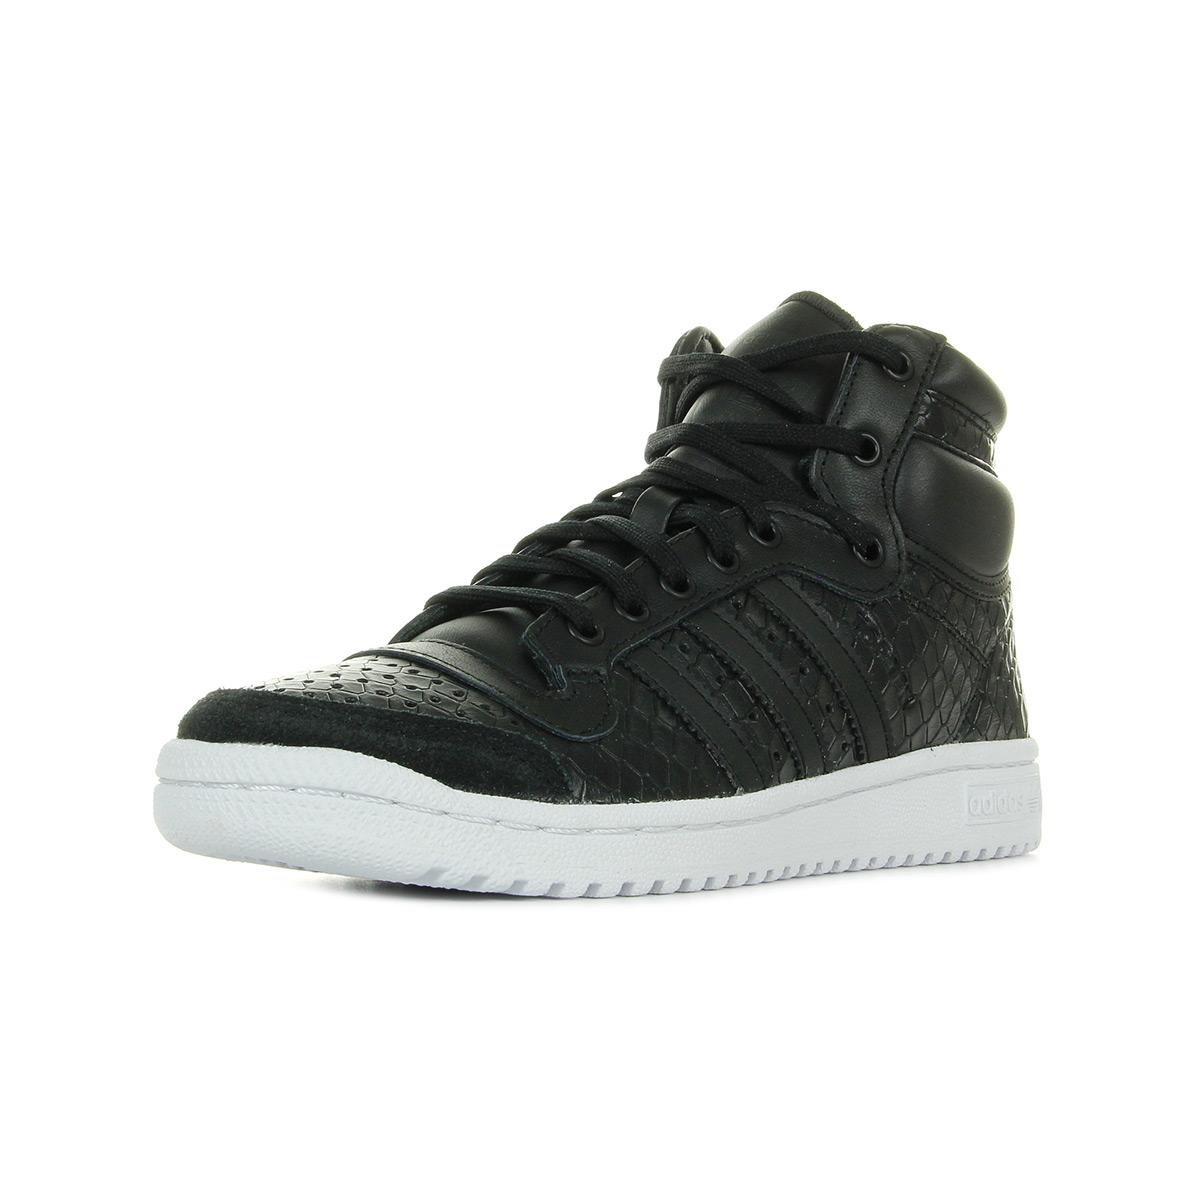 site réputé b700d 66641 Details about Chaussures Baskets adidas femme Top Ten Hi W taille Noir  Noire Cuir Lacets